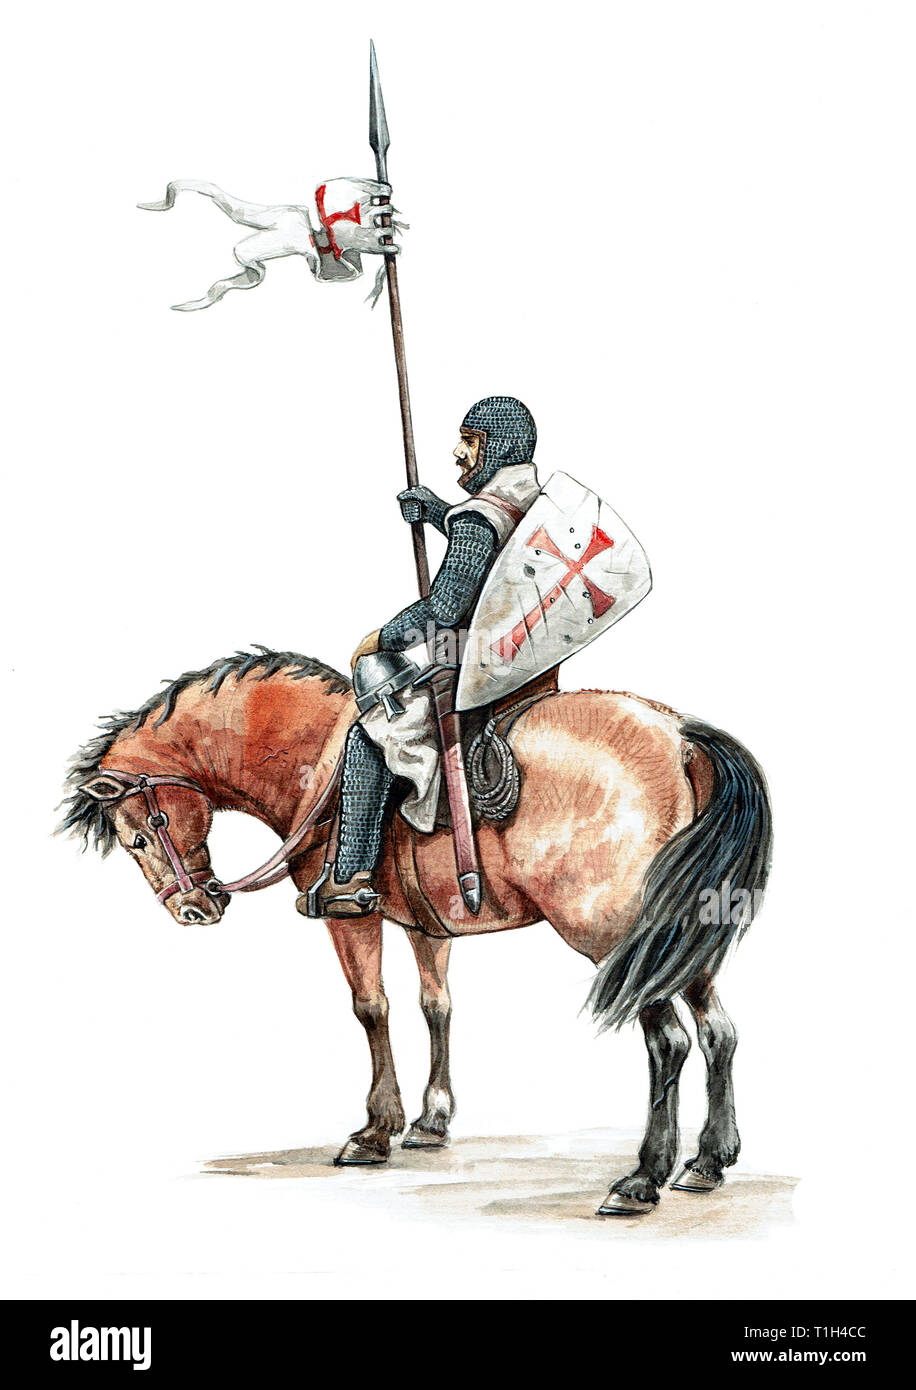 Medieval mounted knight. Templar knight on horseback.Knight illustration. - Stock Image